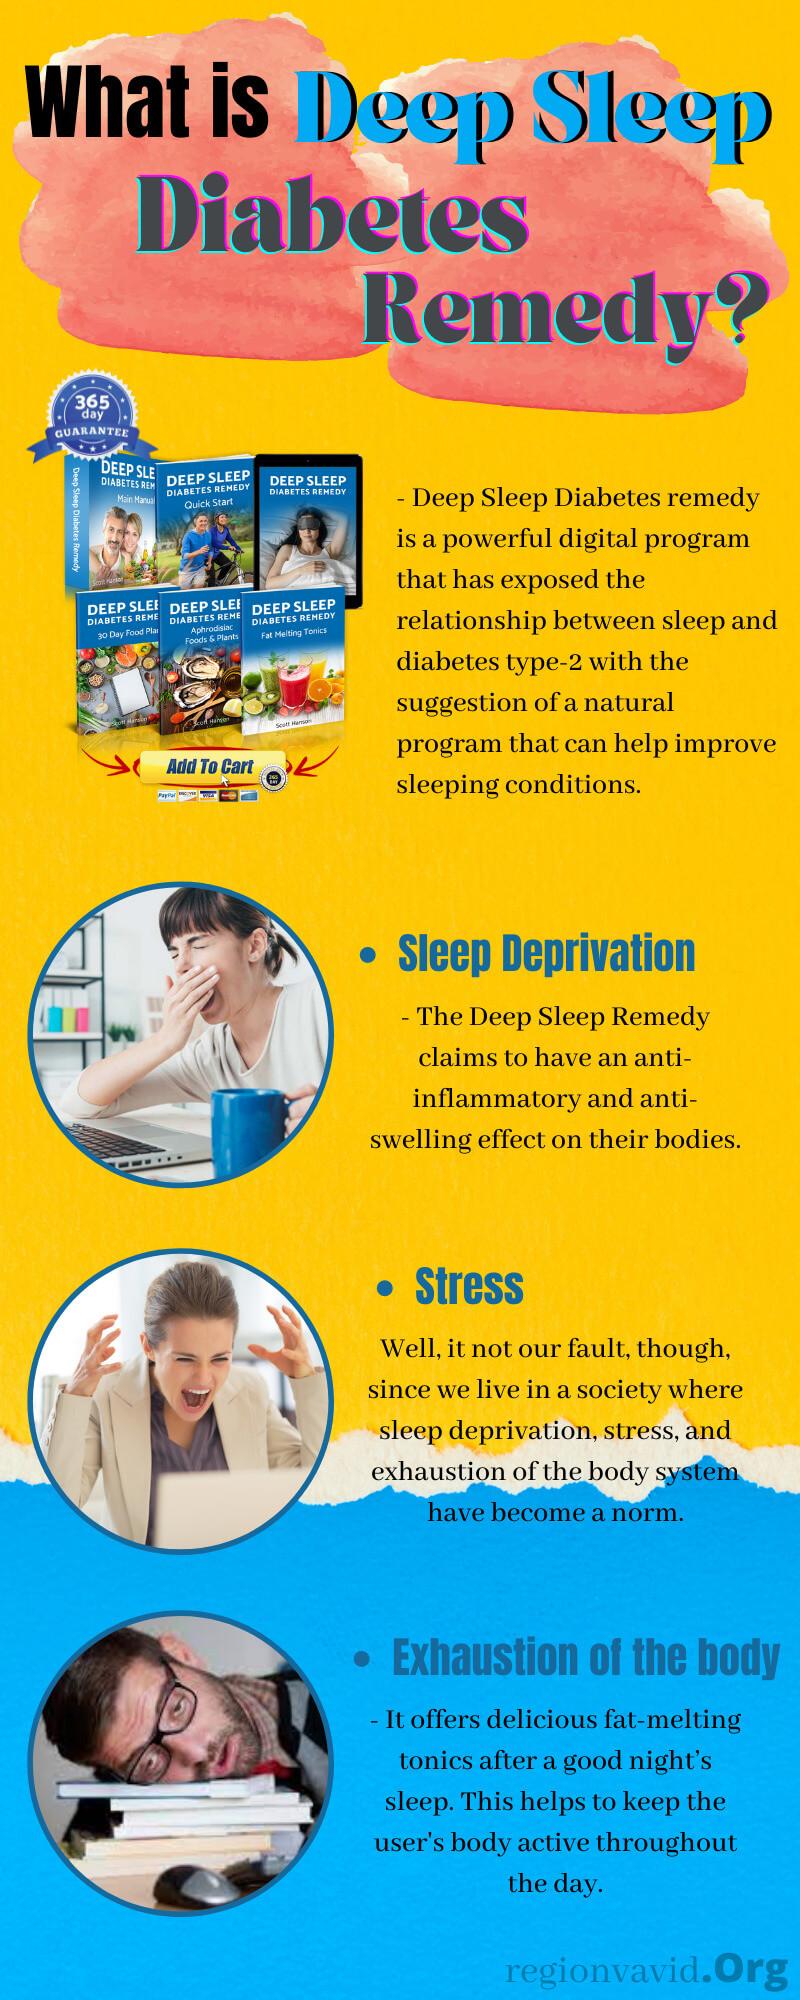 Deep Sleep Diabetes Remedy Program Deeper explanation